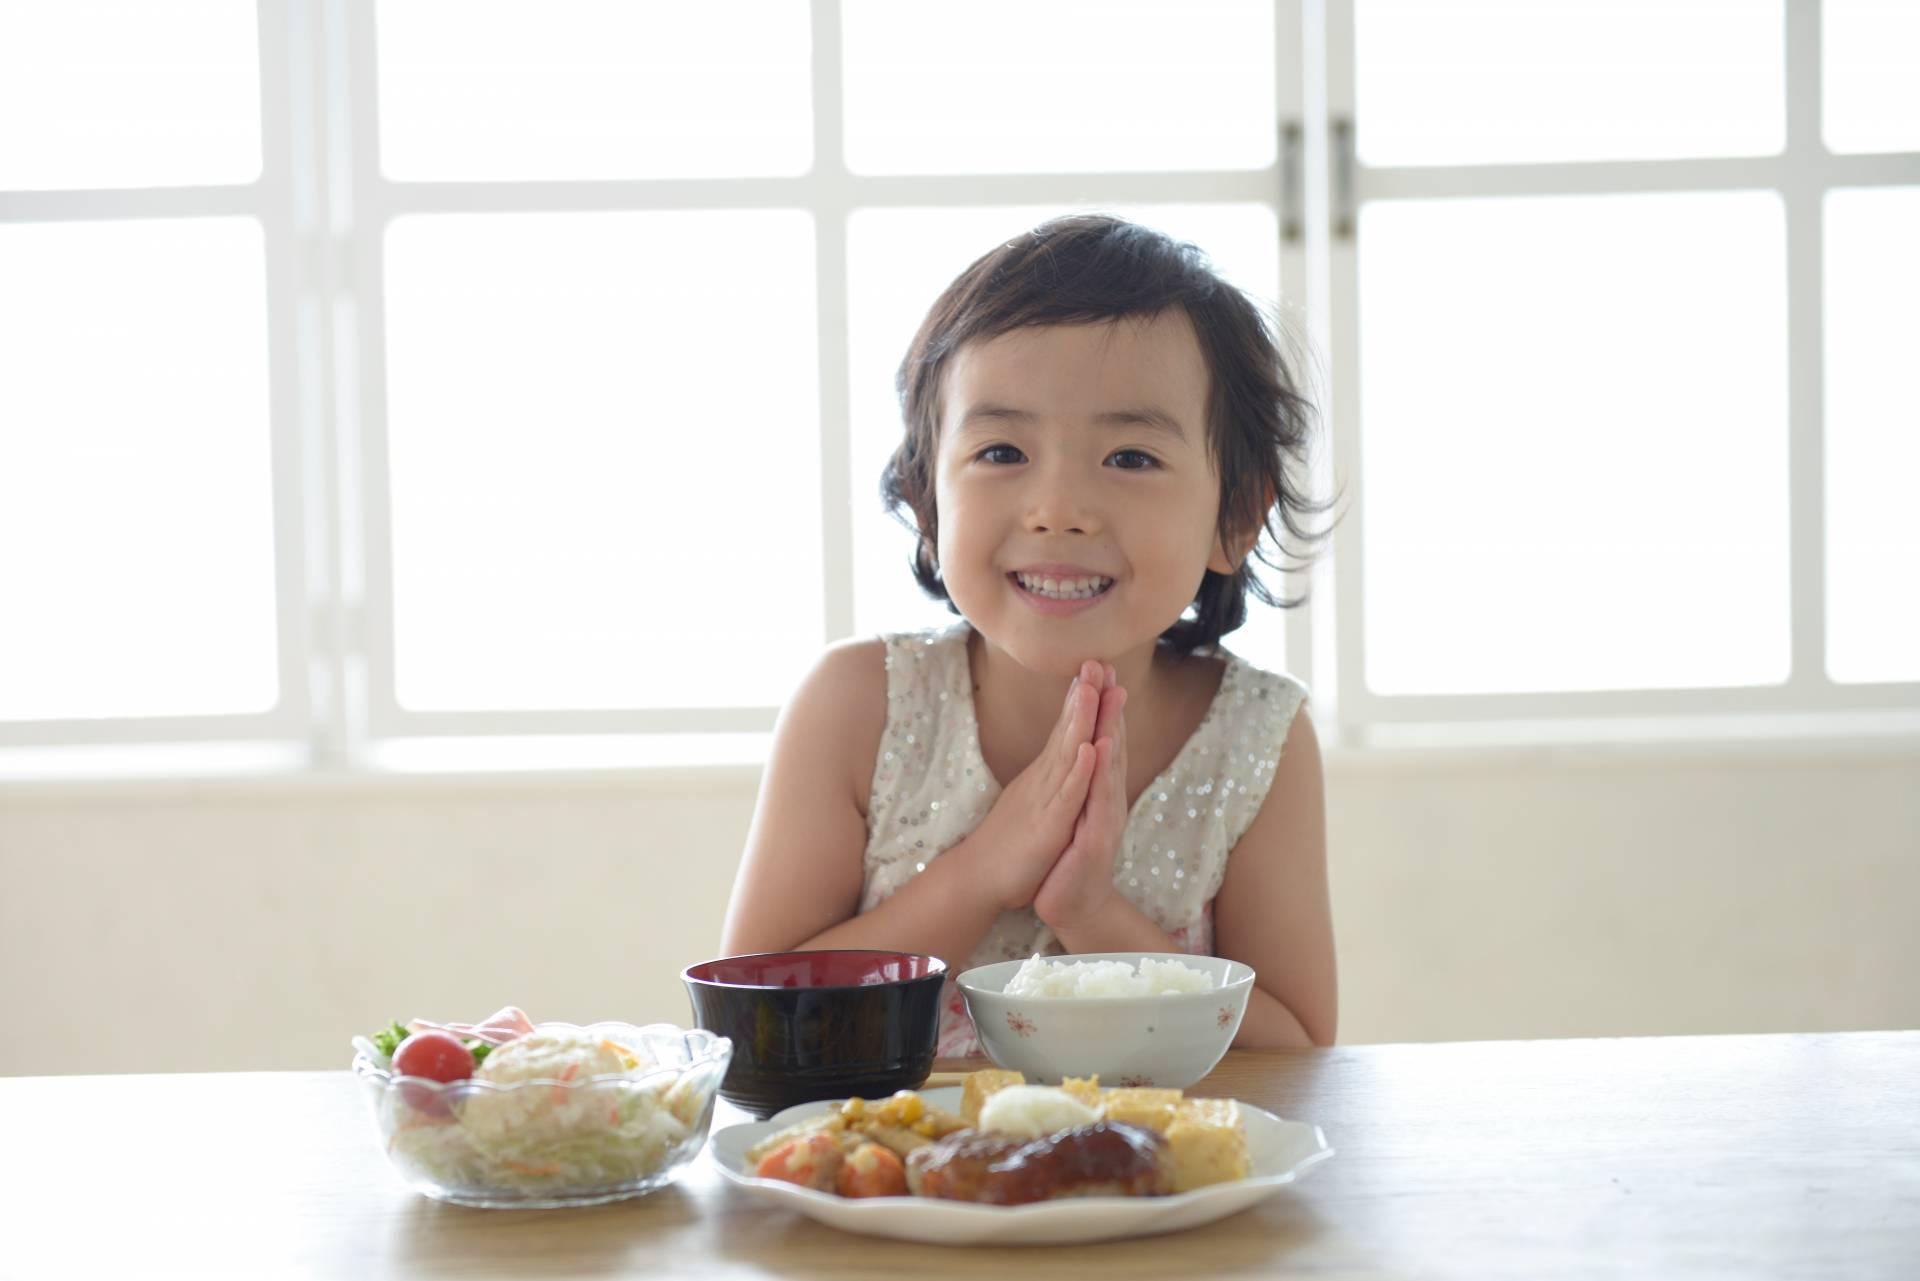 朝食を食べておきたい理由 5選